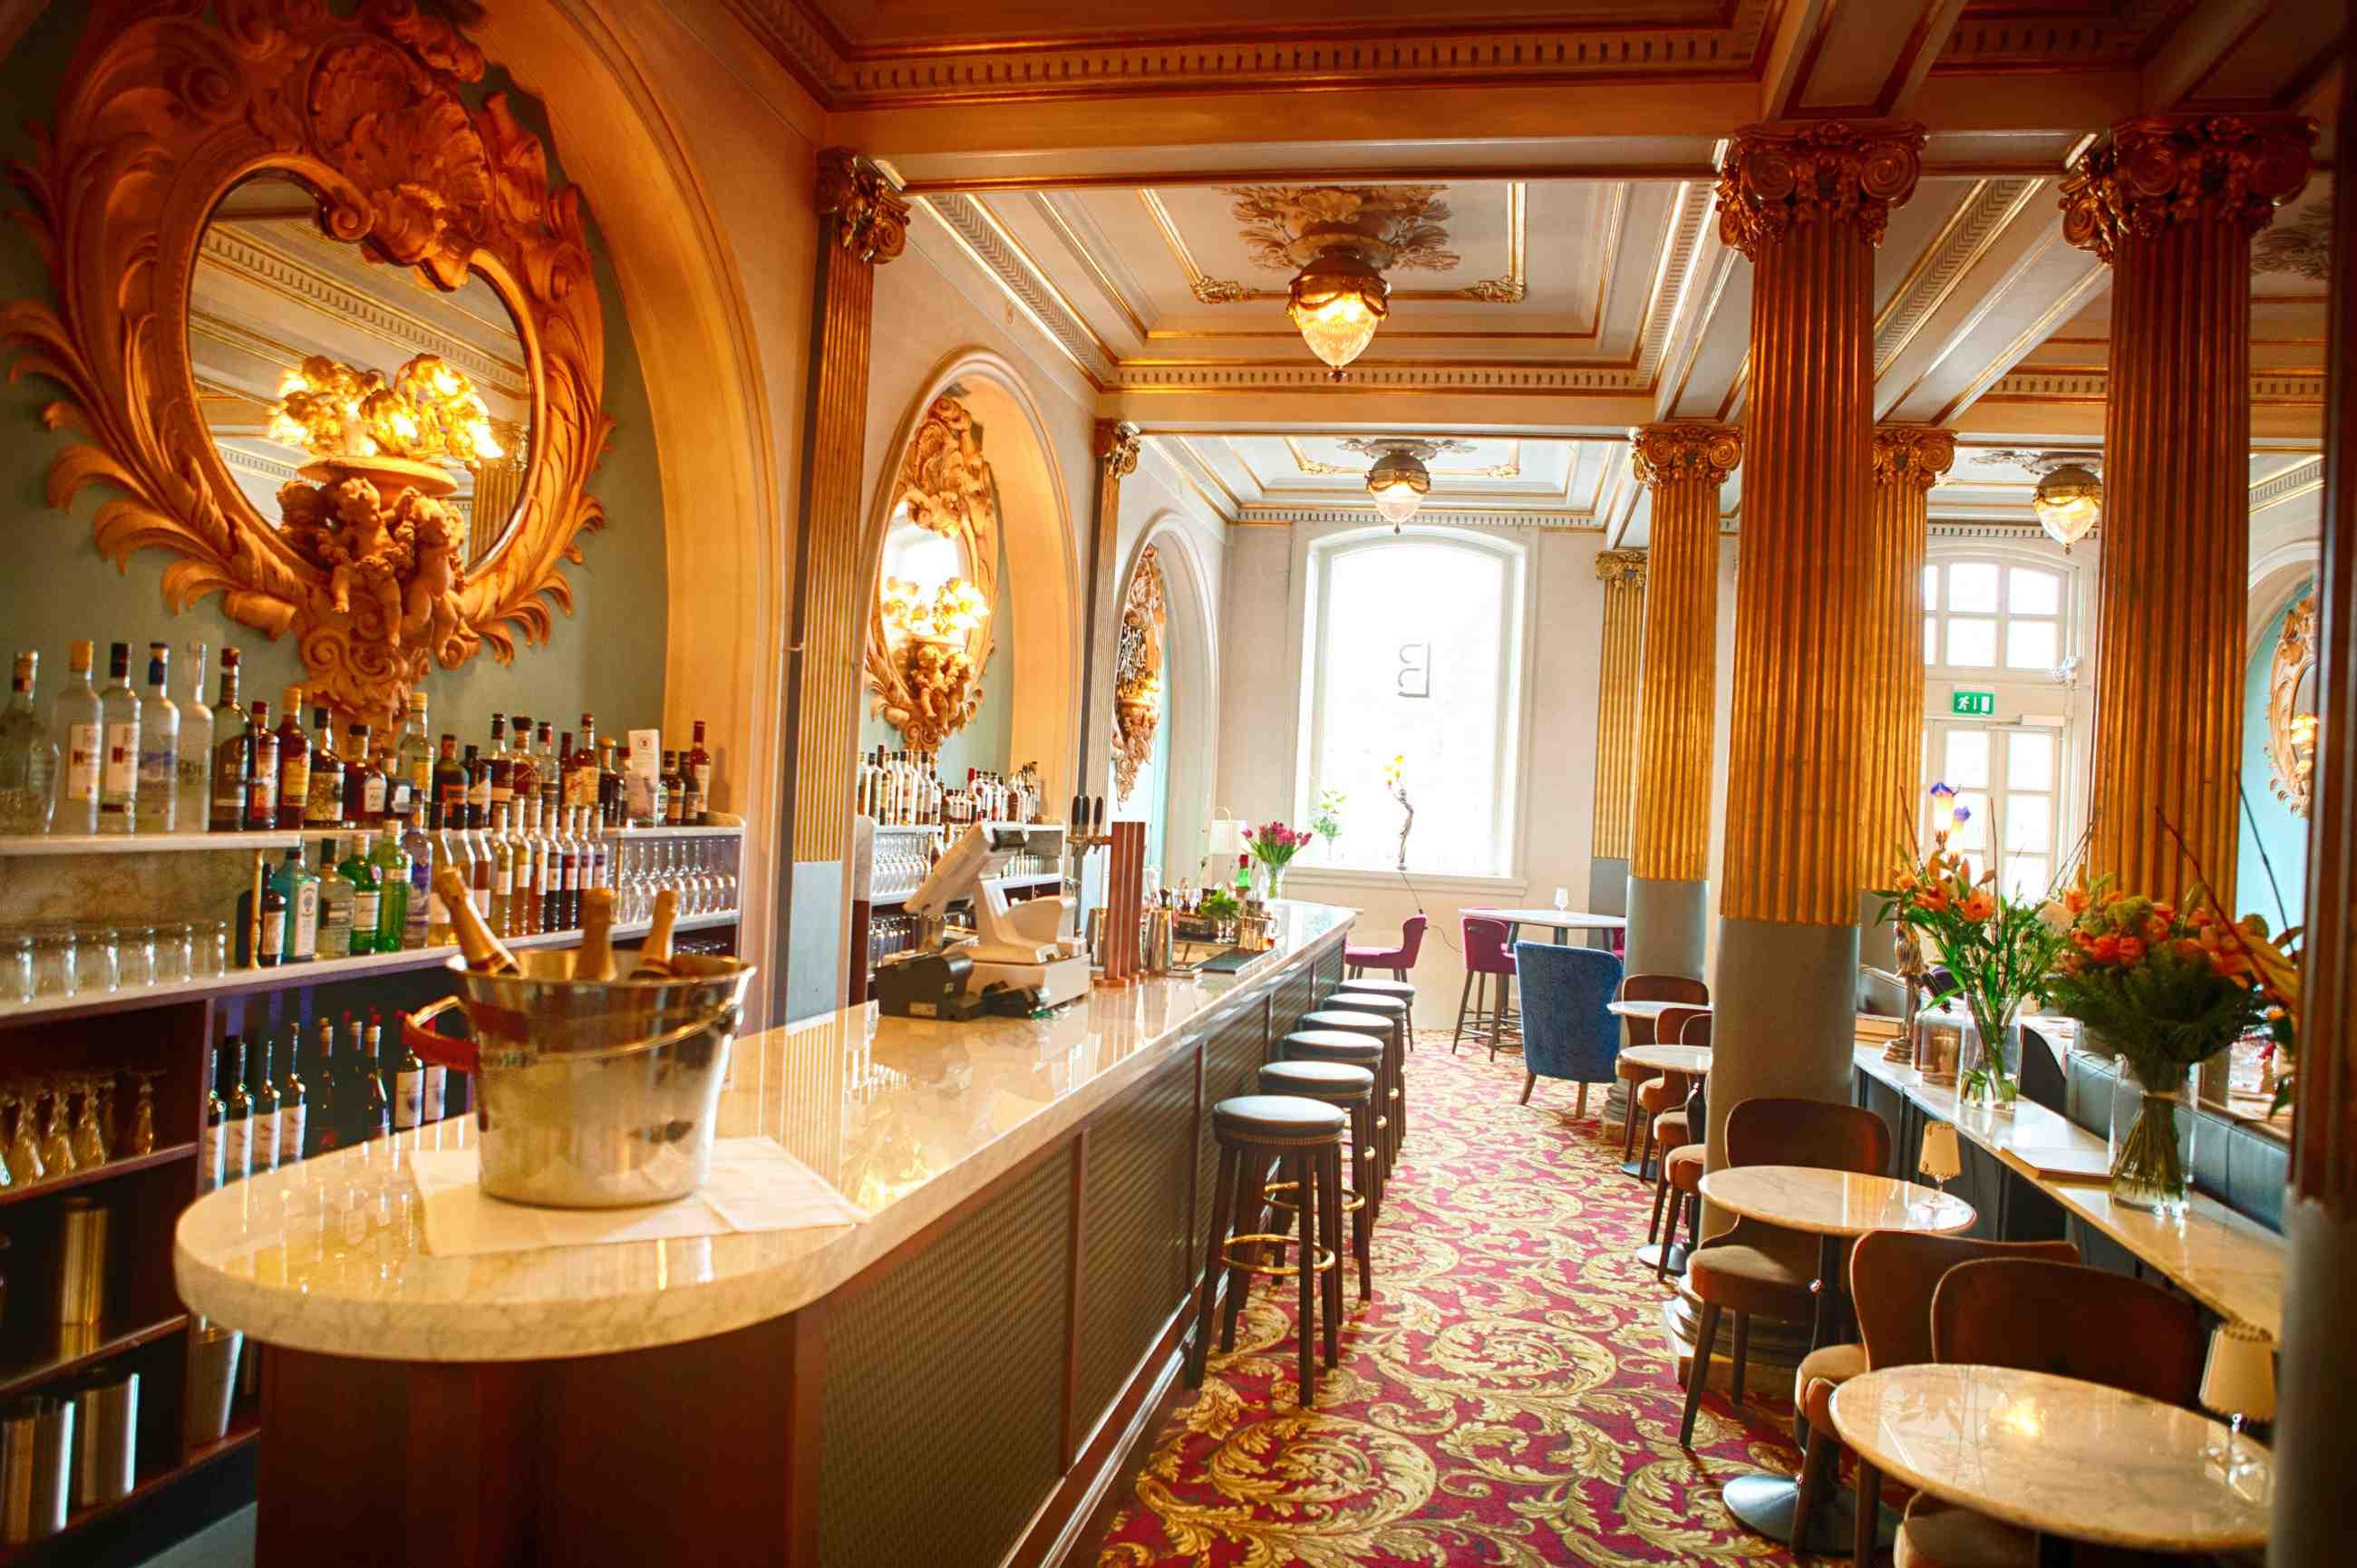 brasseriet-bar